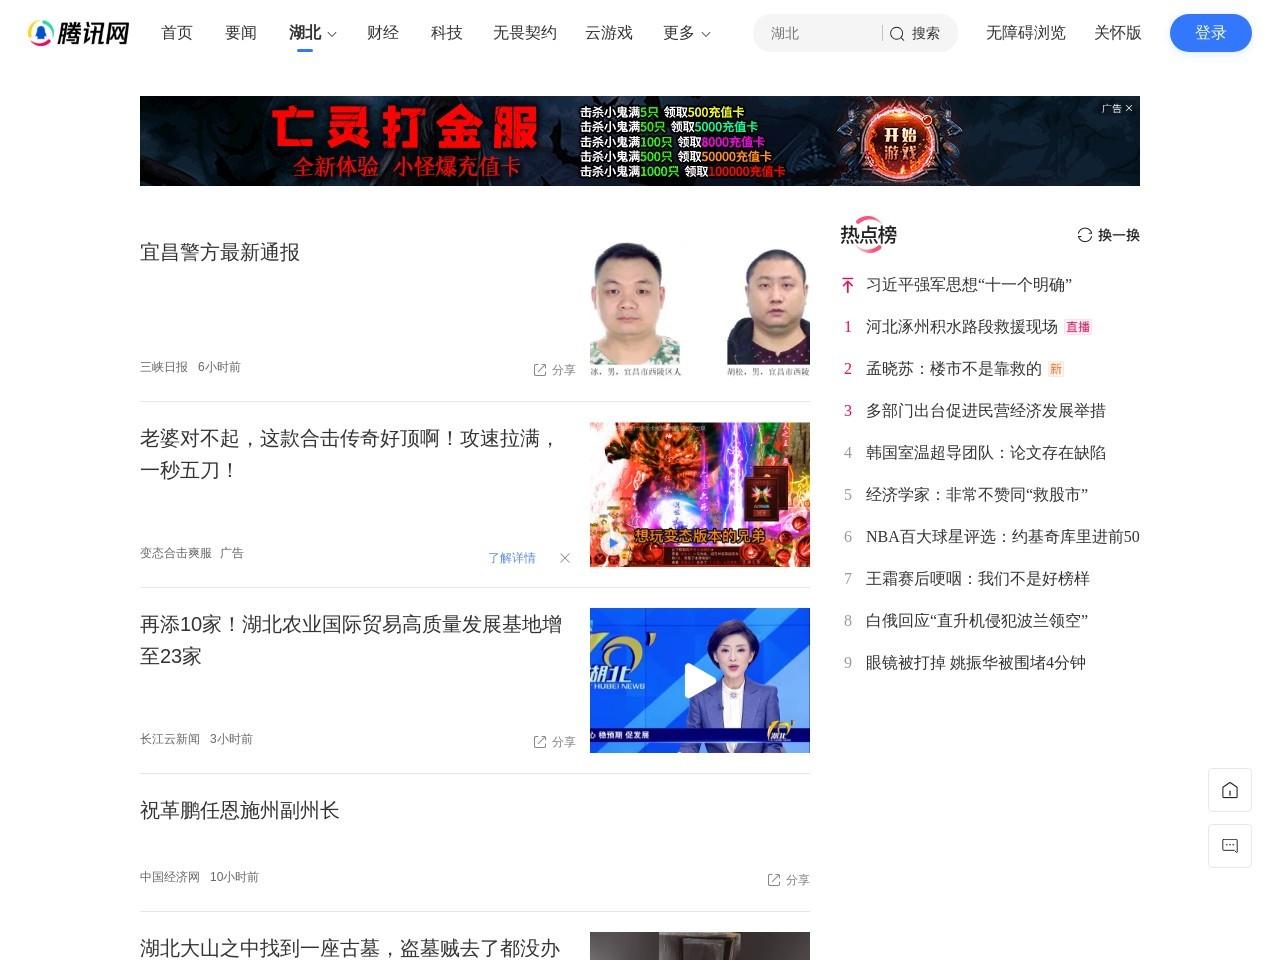 腾讯大楚网-湖北生活门户